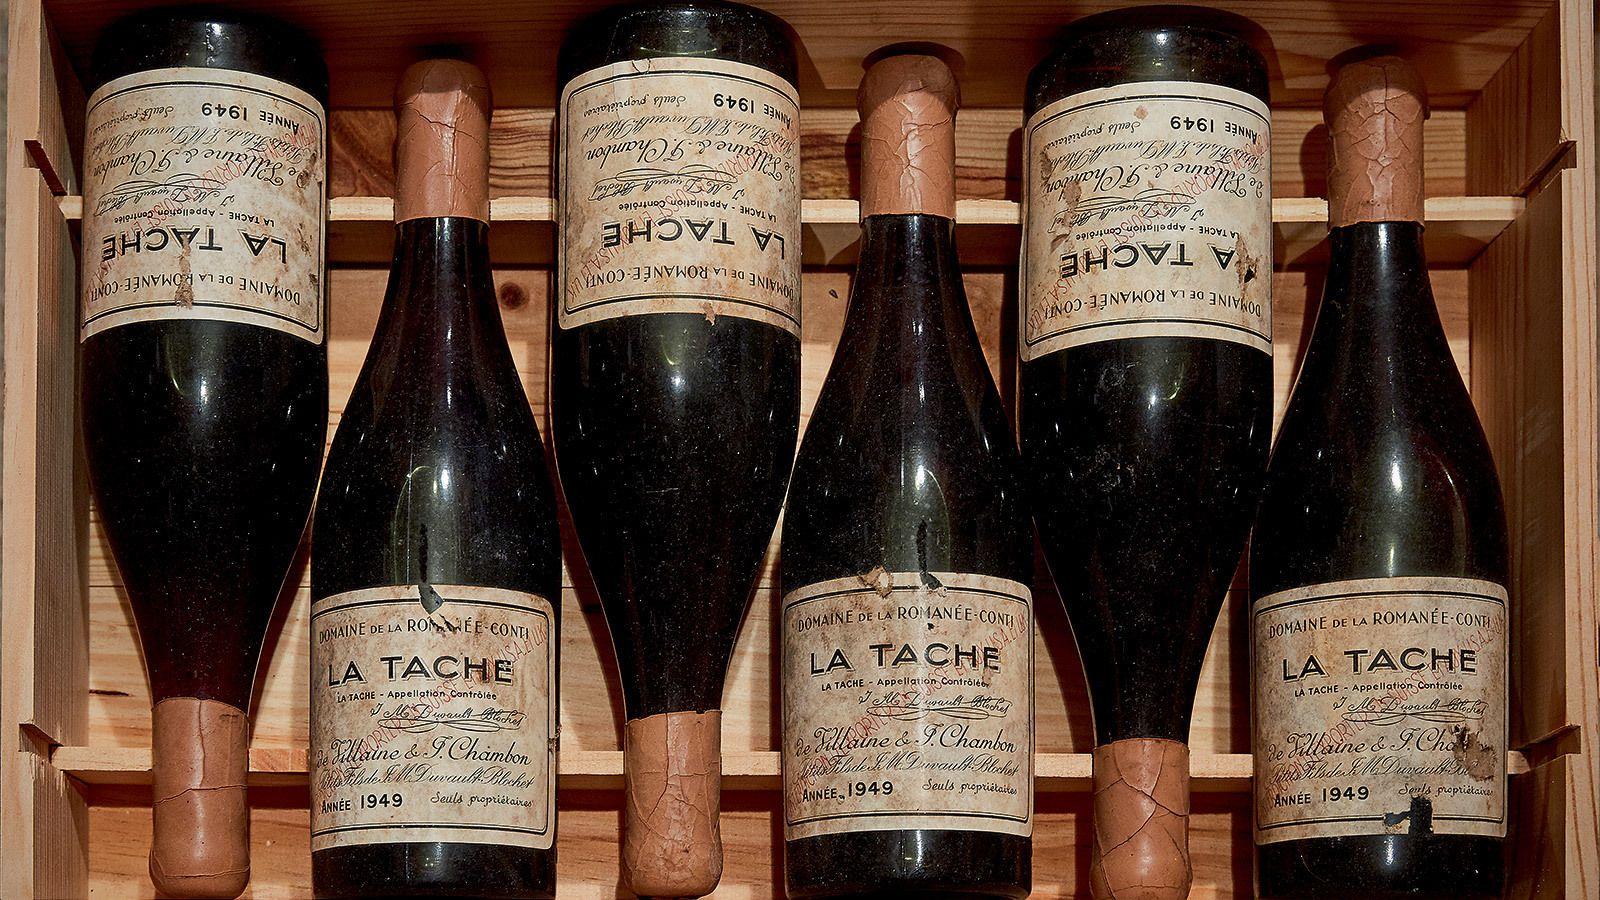 Drouhin Sotheby's auction Romanee-Conti La Tache